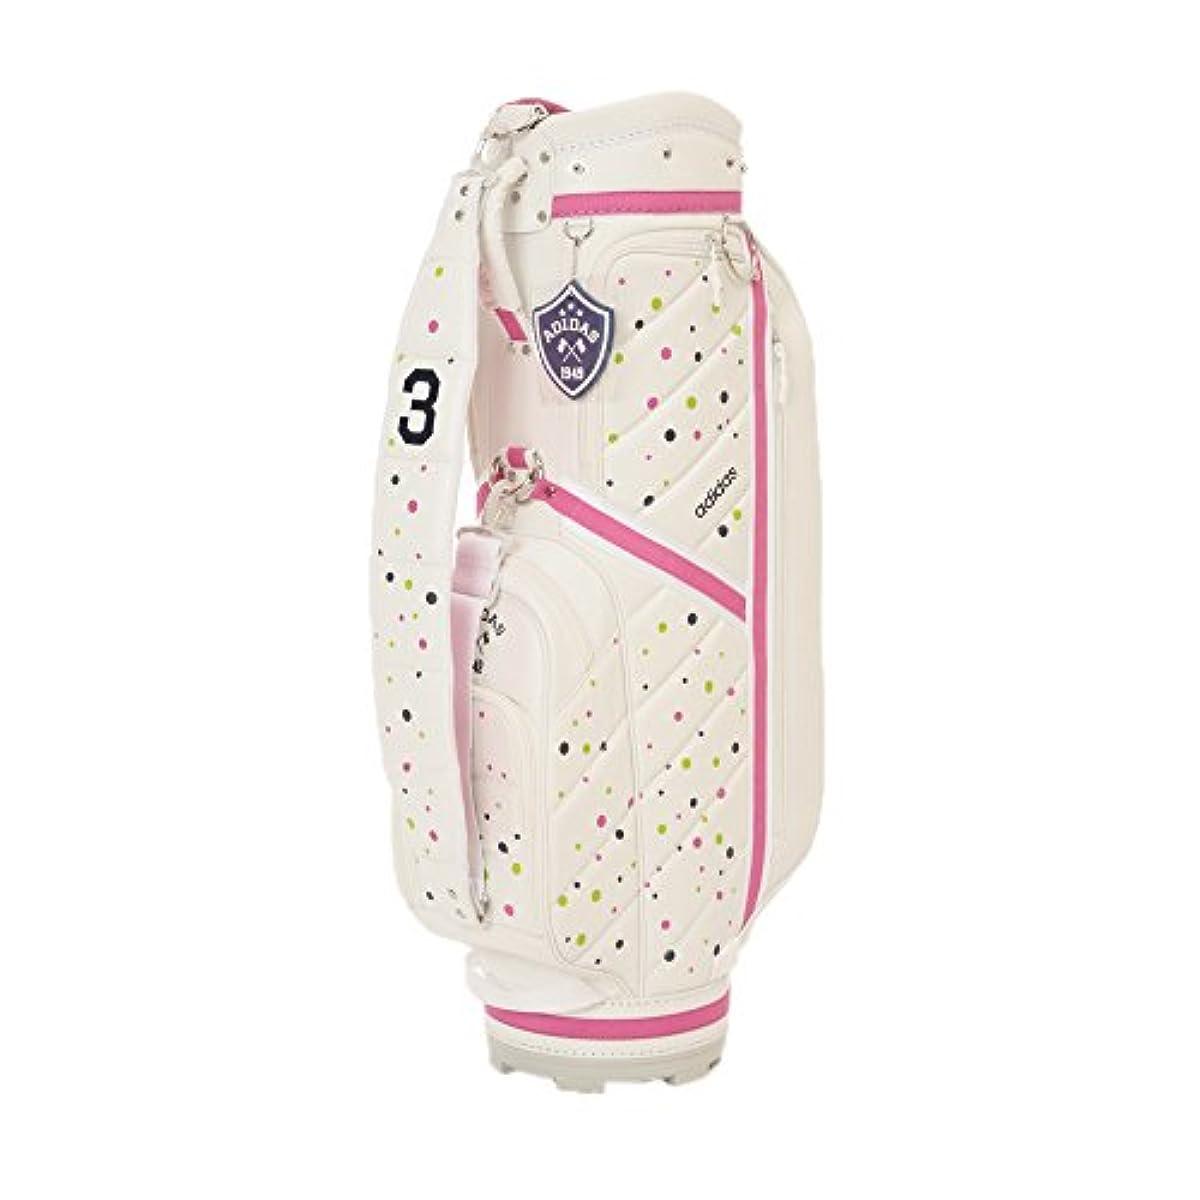 [해외] adidas Golf(아디다스 골프) AWS10 women's ADICROSS 캐디 백3 레이디스 AWS10 A15935:화이트/핑크 8.5타입 46인치 대응 (2015-12-11)